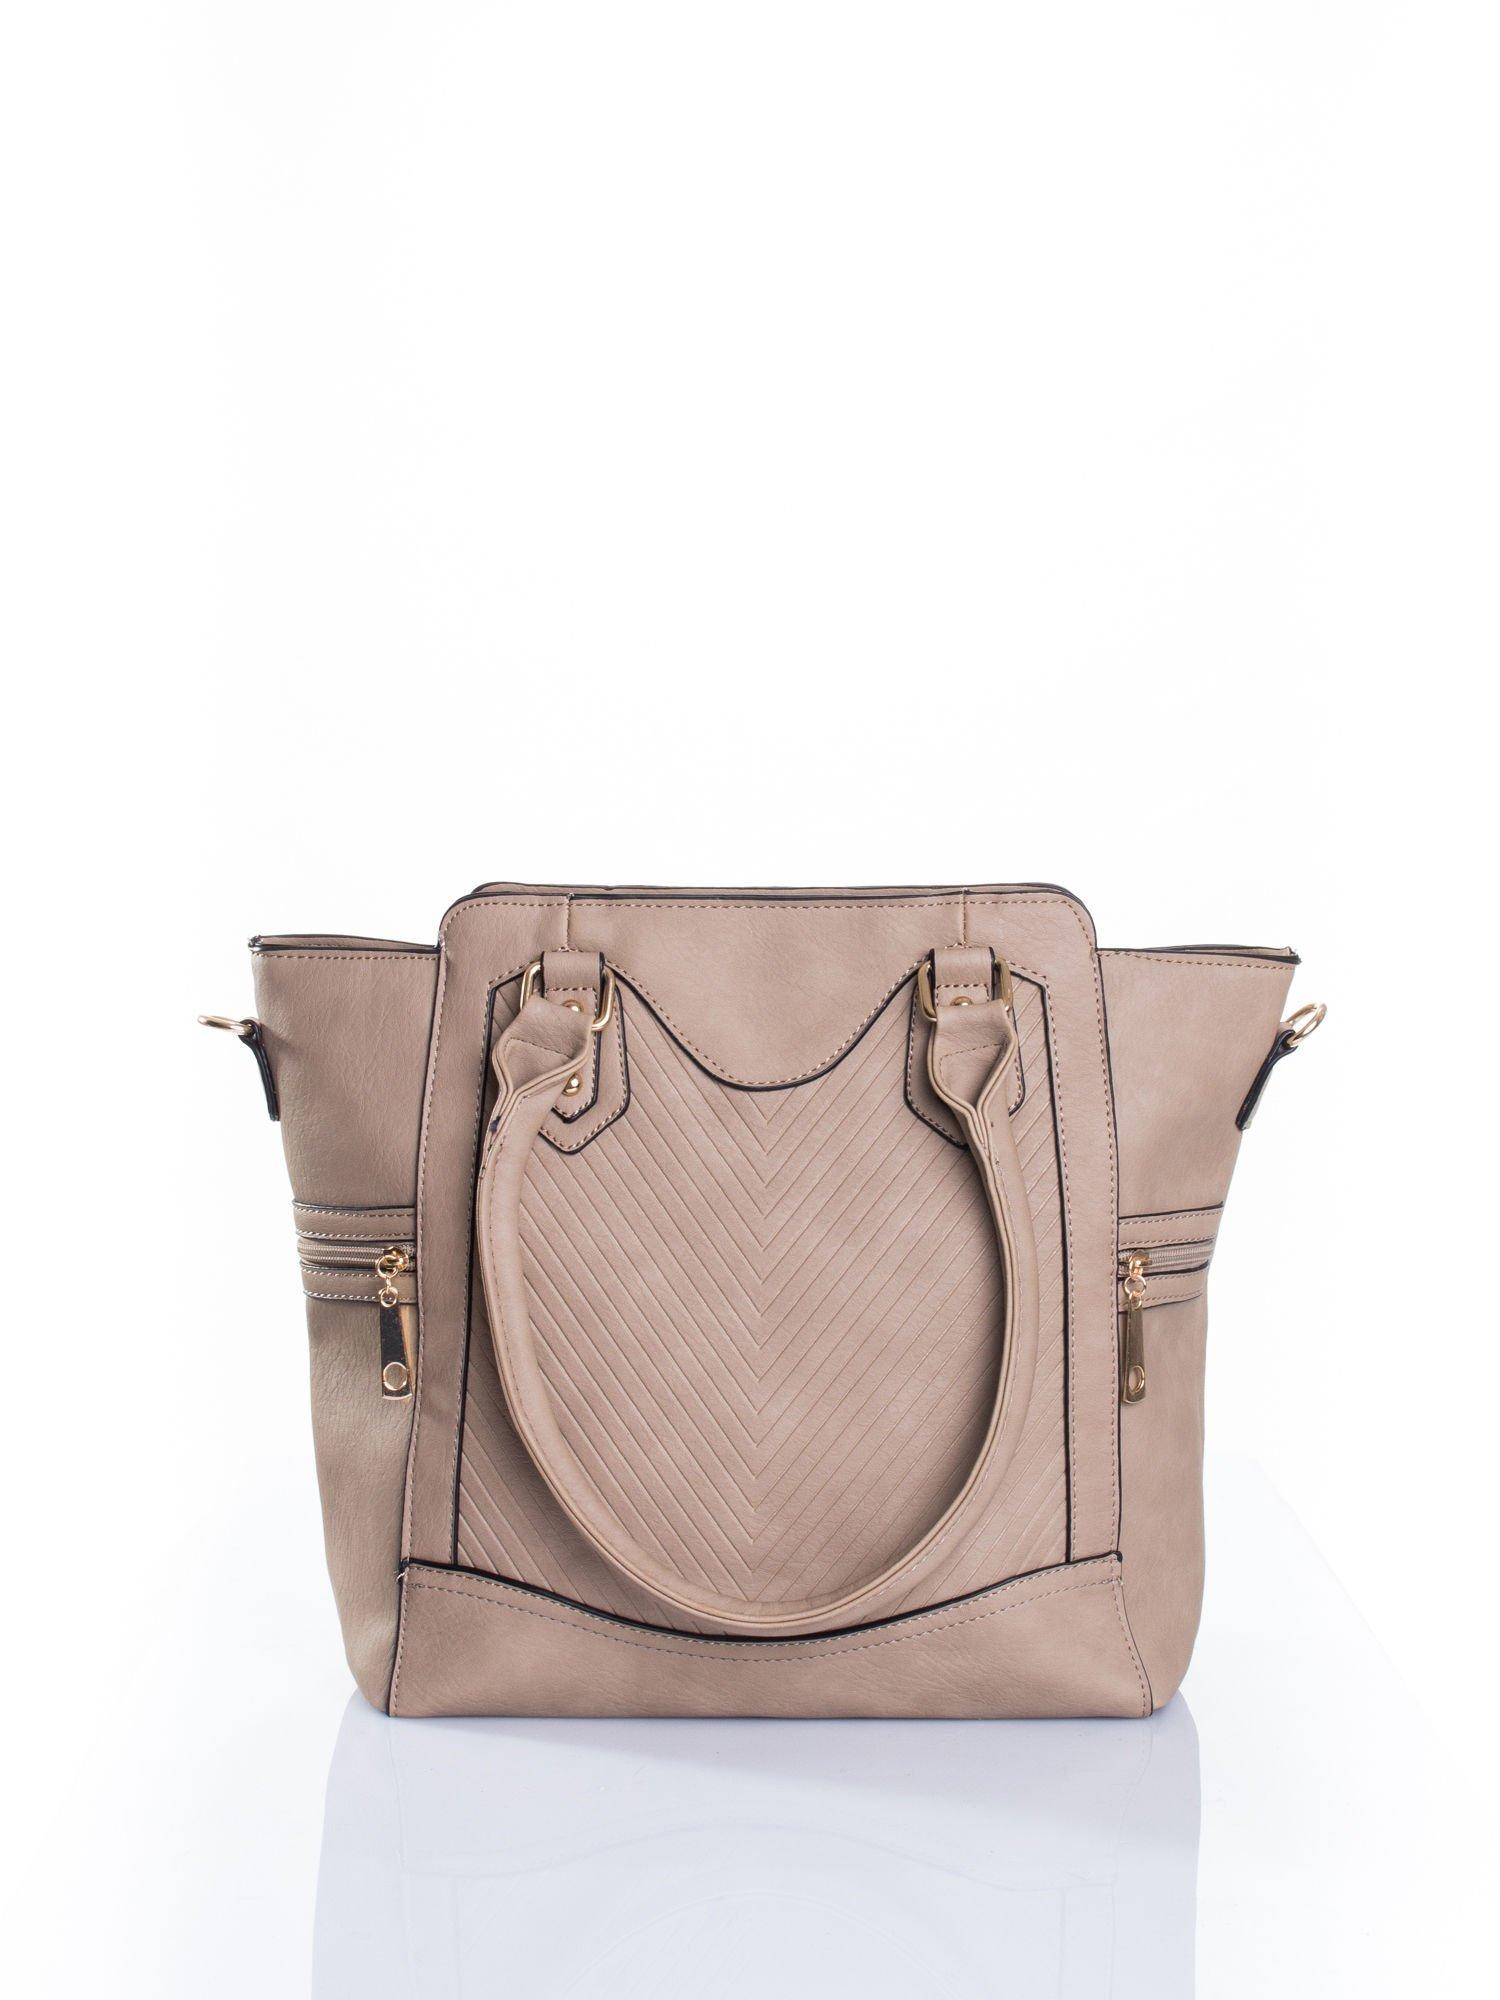 Jasnobrązowa torba ze złotymi wykończeniami                                  zdj.                                  1